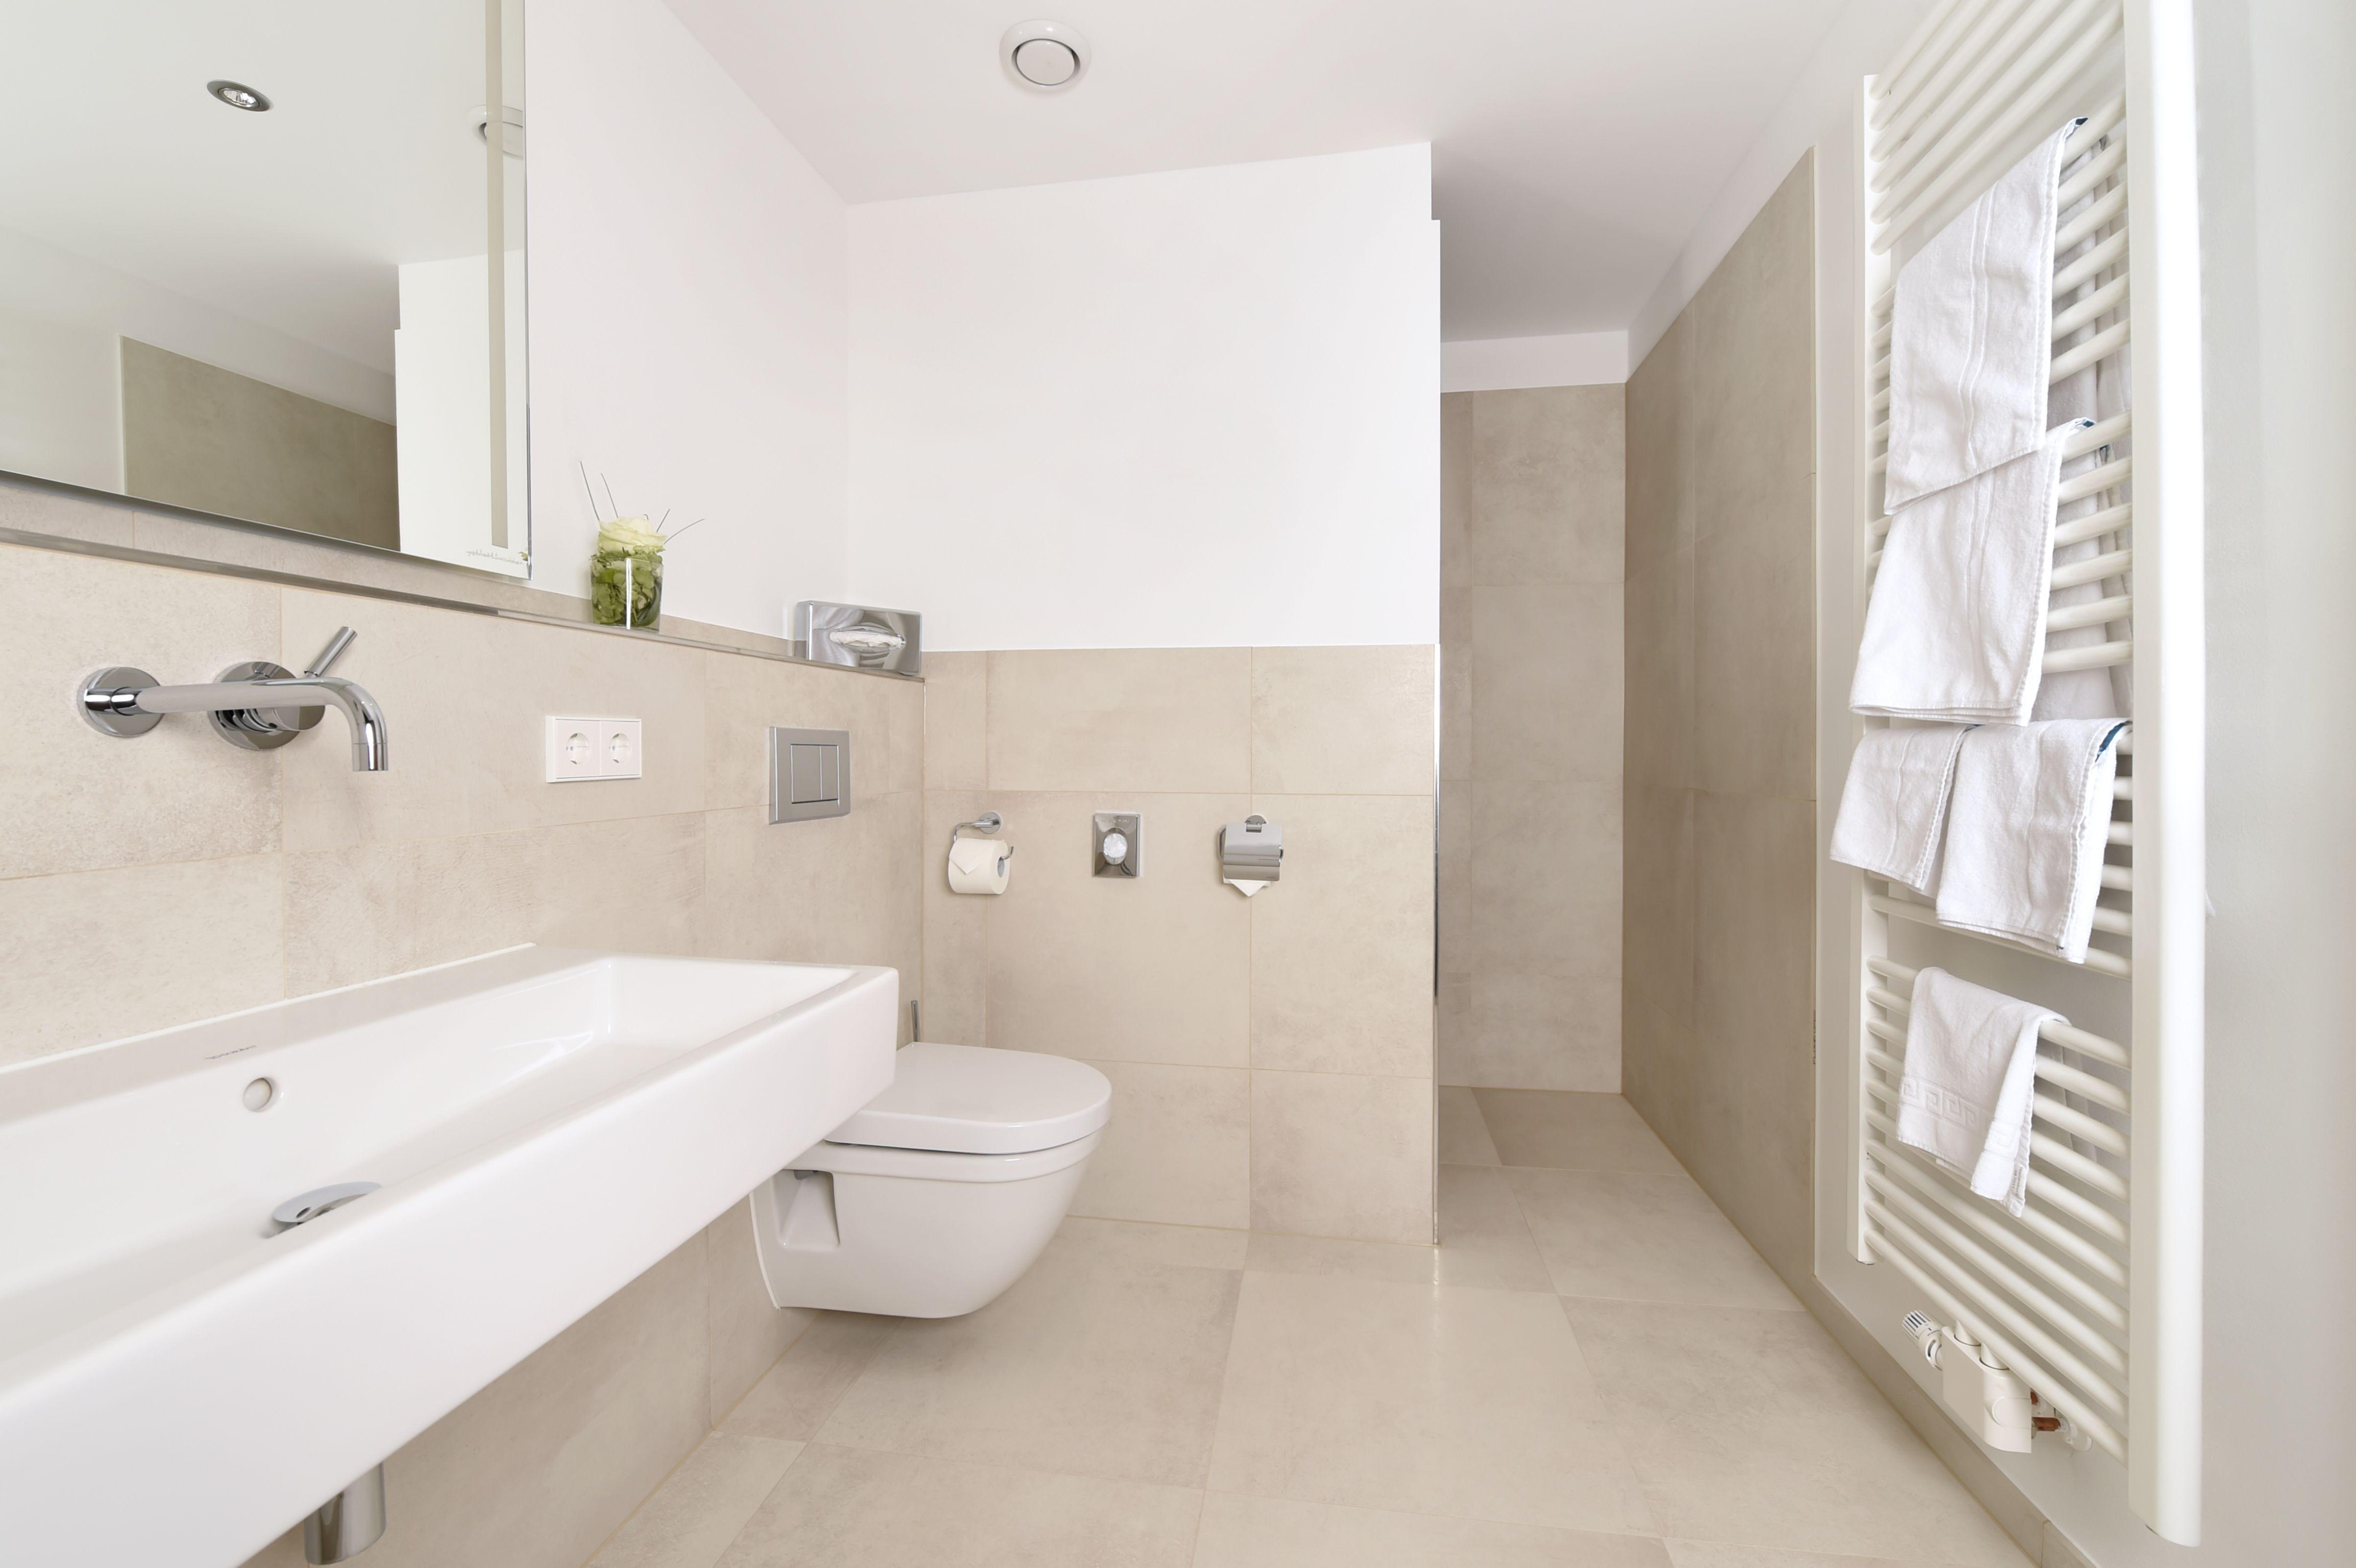 Pin Von Fliesen Kemmler Auf Begehbare Duschen Badezimmer Dusche Einzug